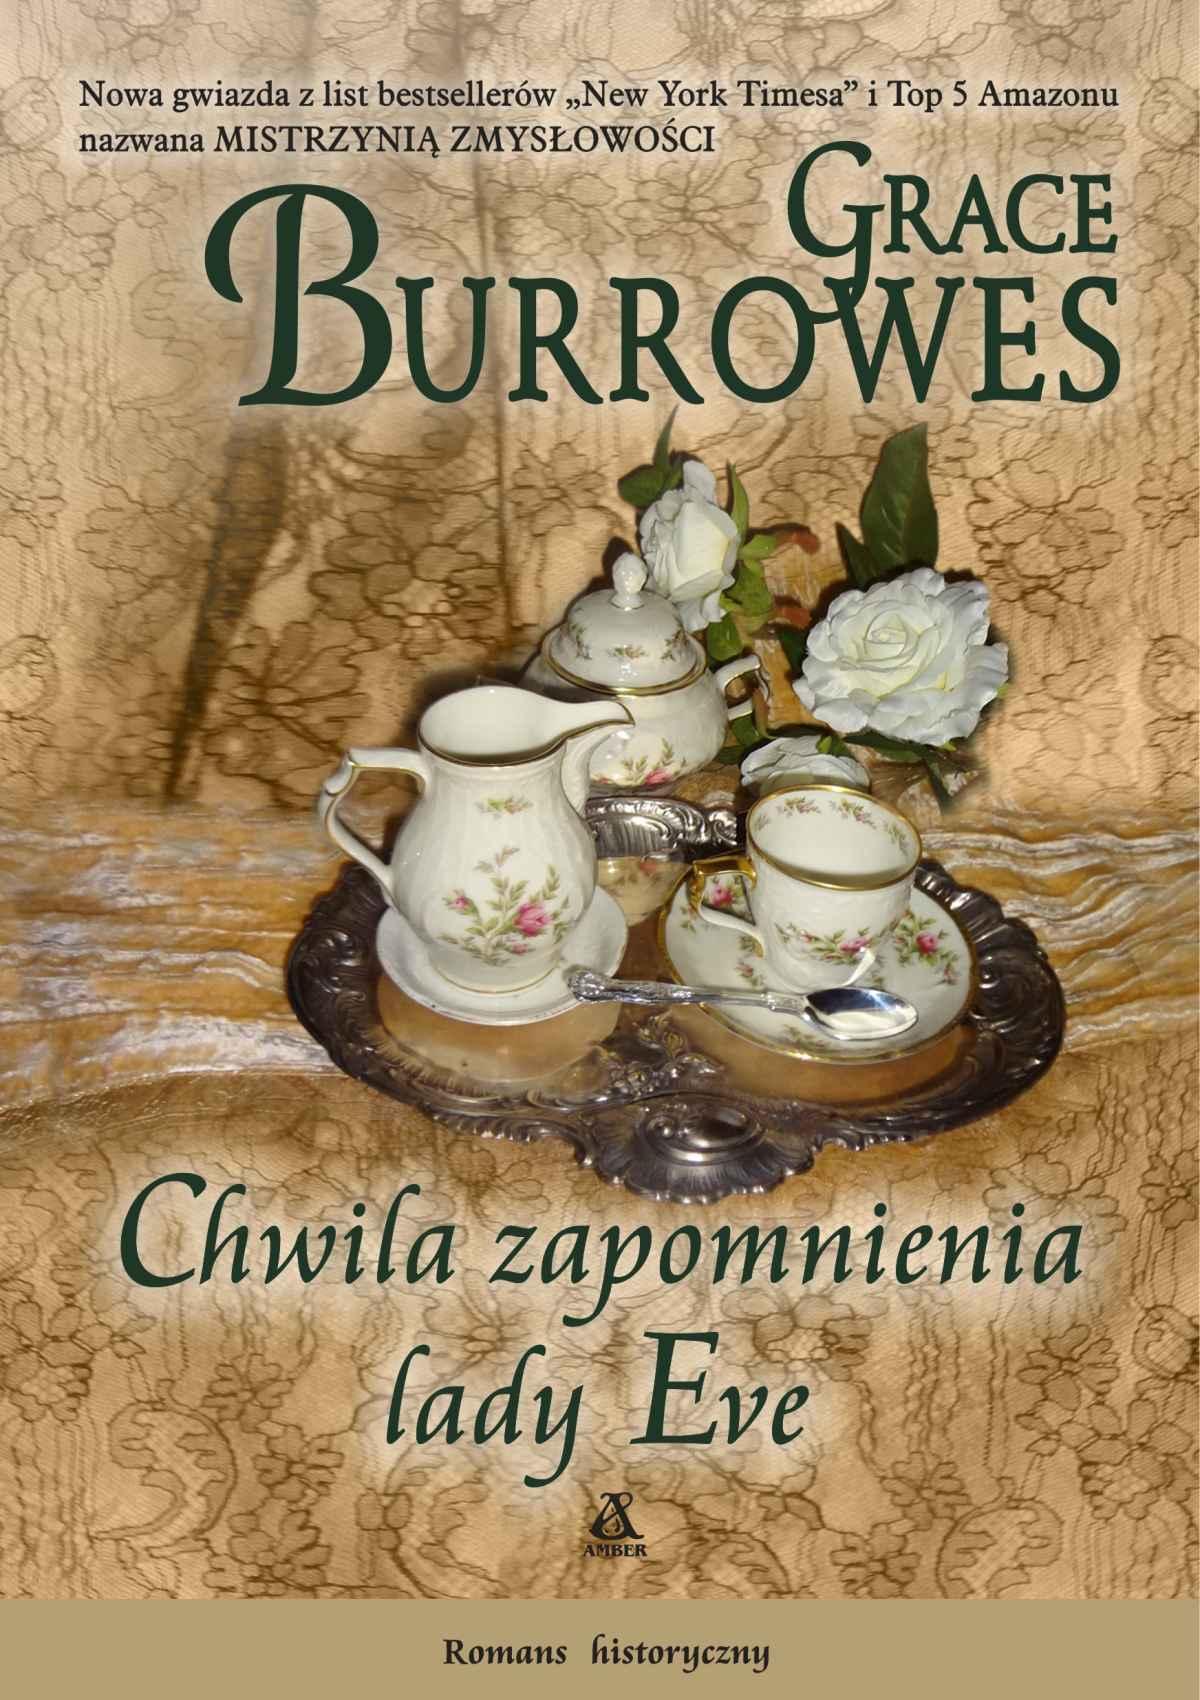 Chwila zapomnienia lady Eve - Ebook (Książka EPUB) do pobrania w formacie EPUB